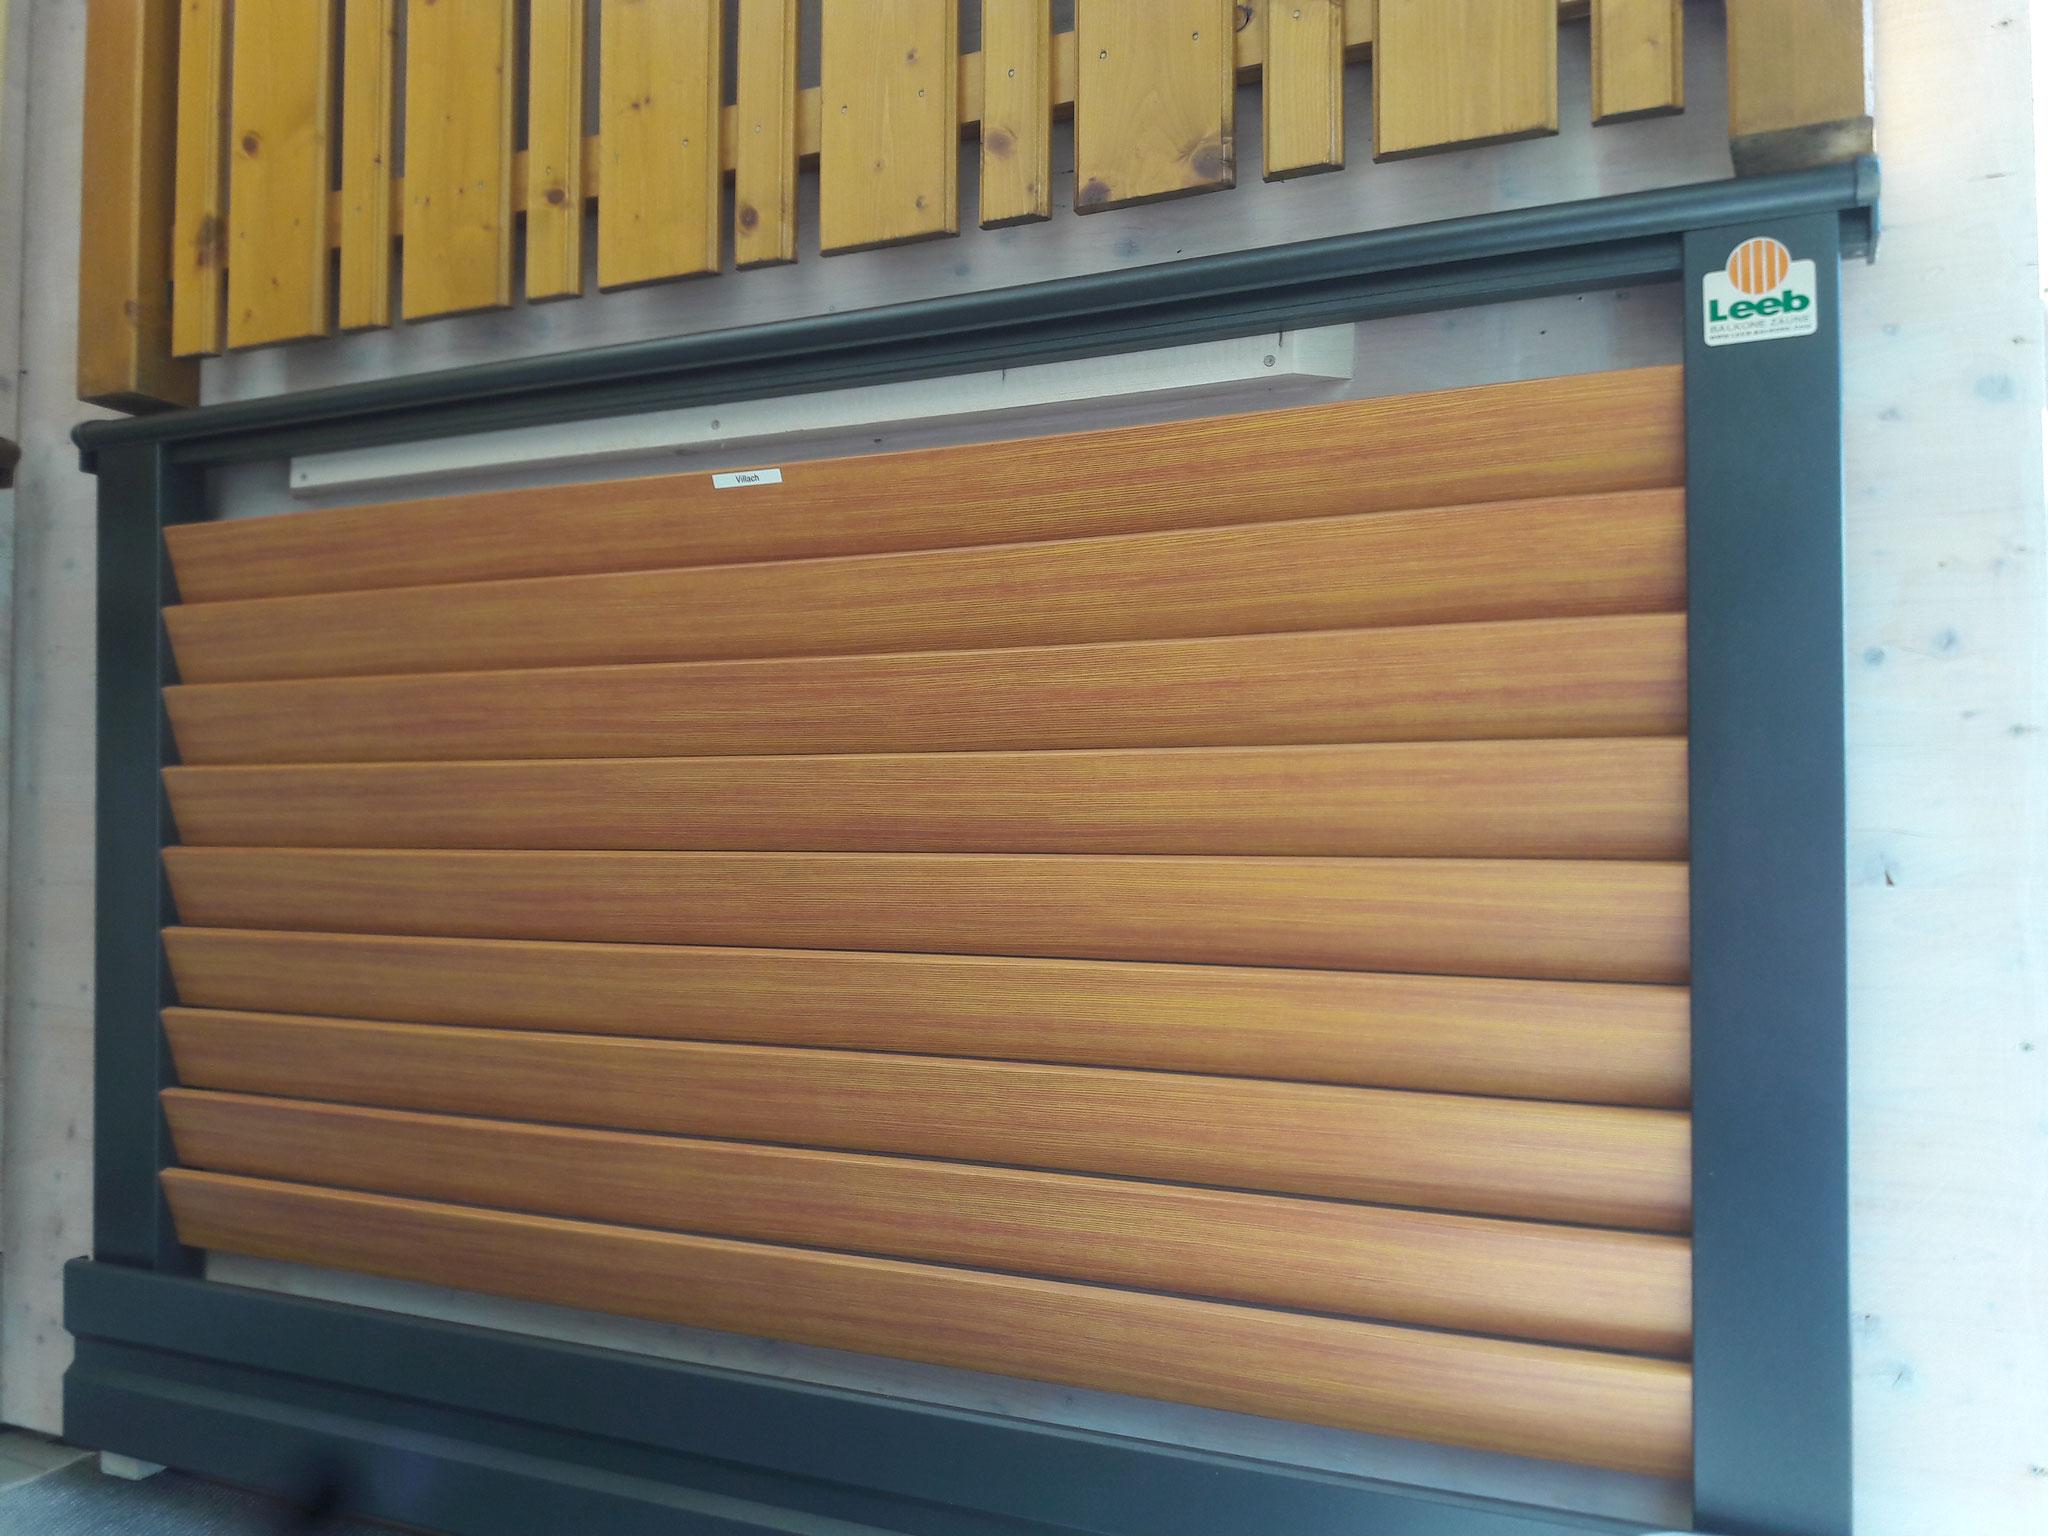 Alu Balkongeländer Villach mit Holzoptik